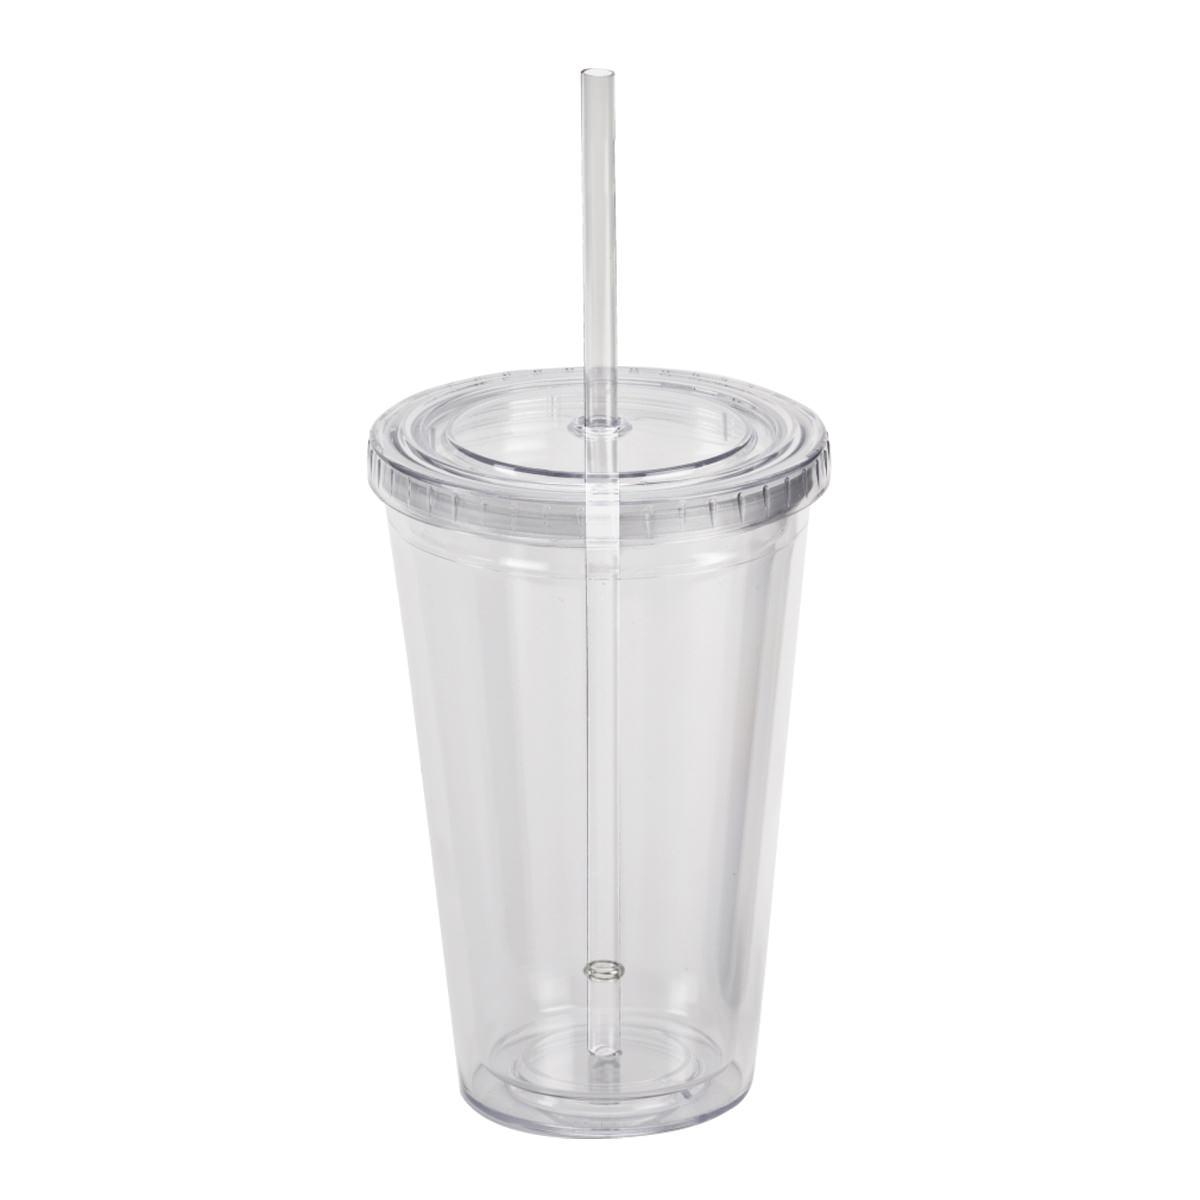 כוס שתייה קרה - סולו